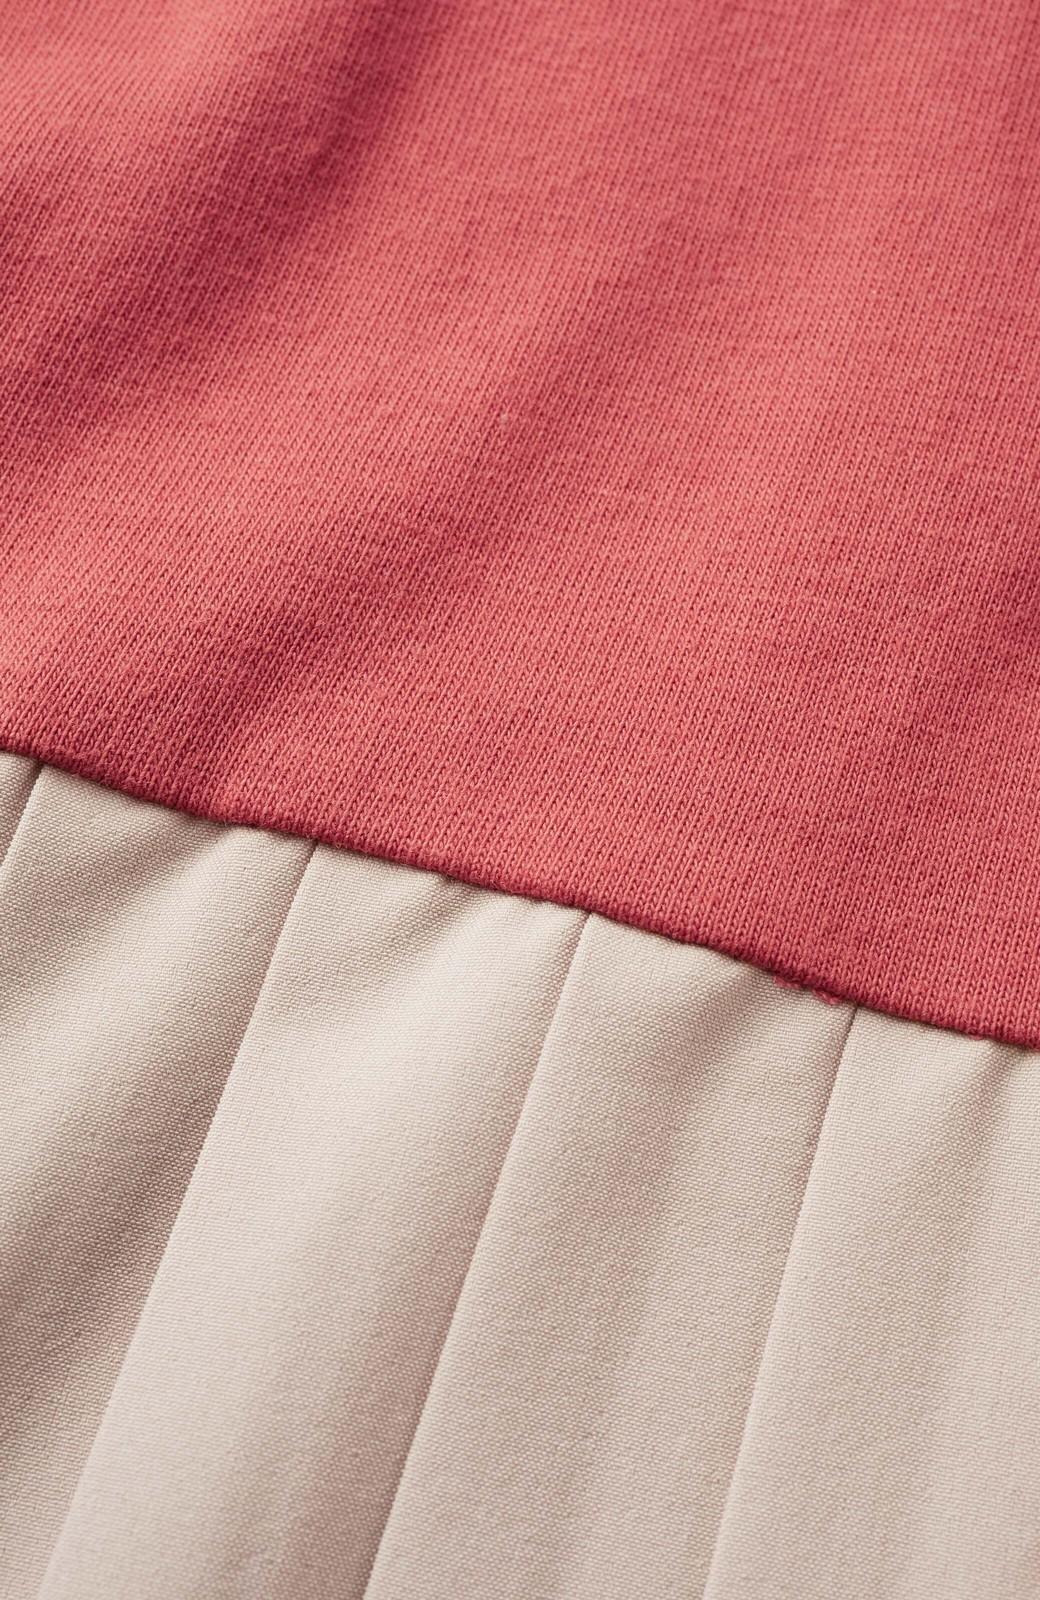 haco! ぱっと着るだけでこなれたレイヤード風コーデが完成する サイドプリーツワンピース <テラコッタ>の商品写真3